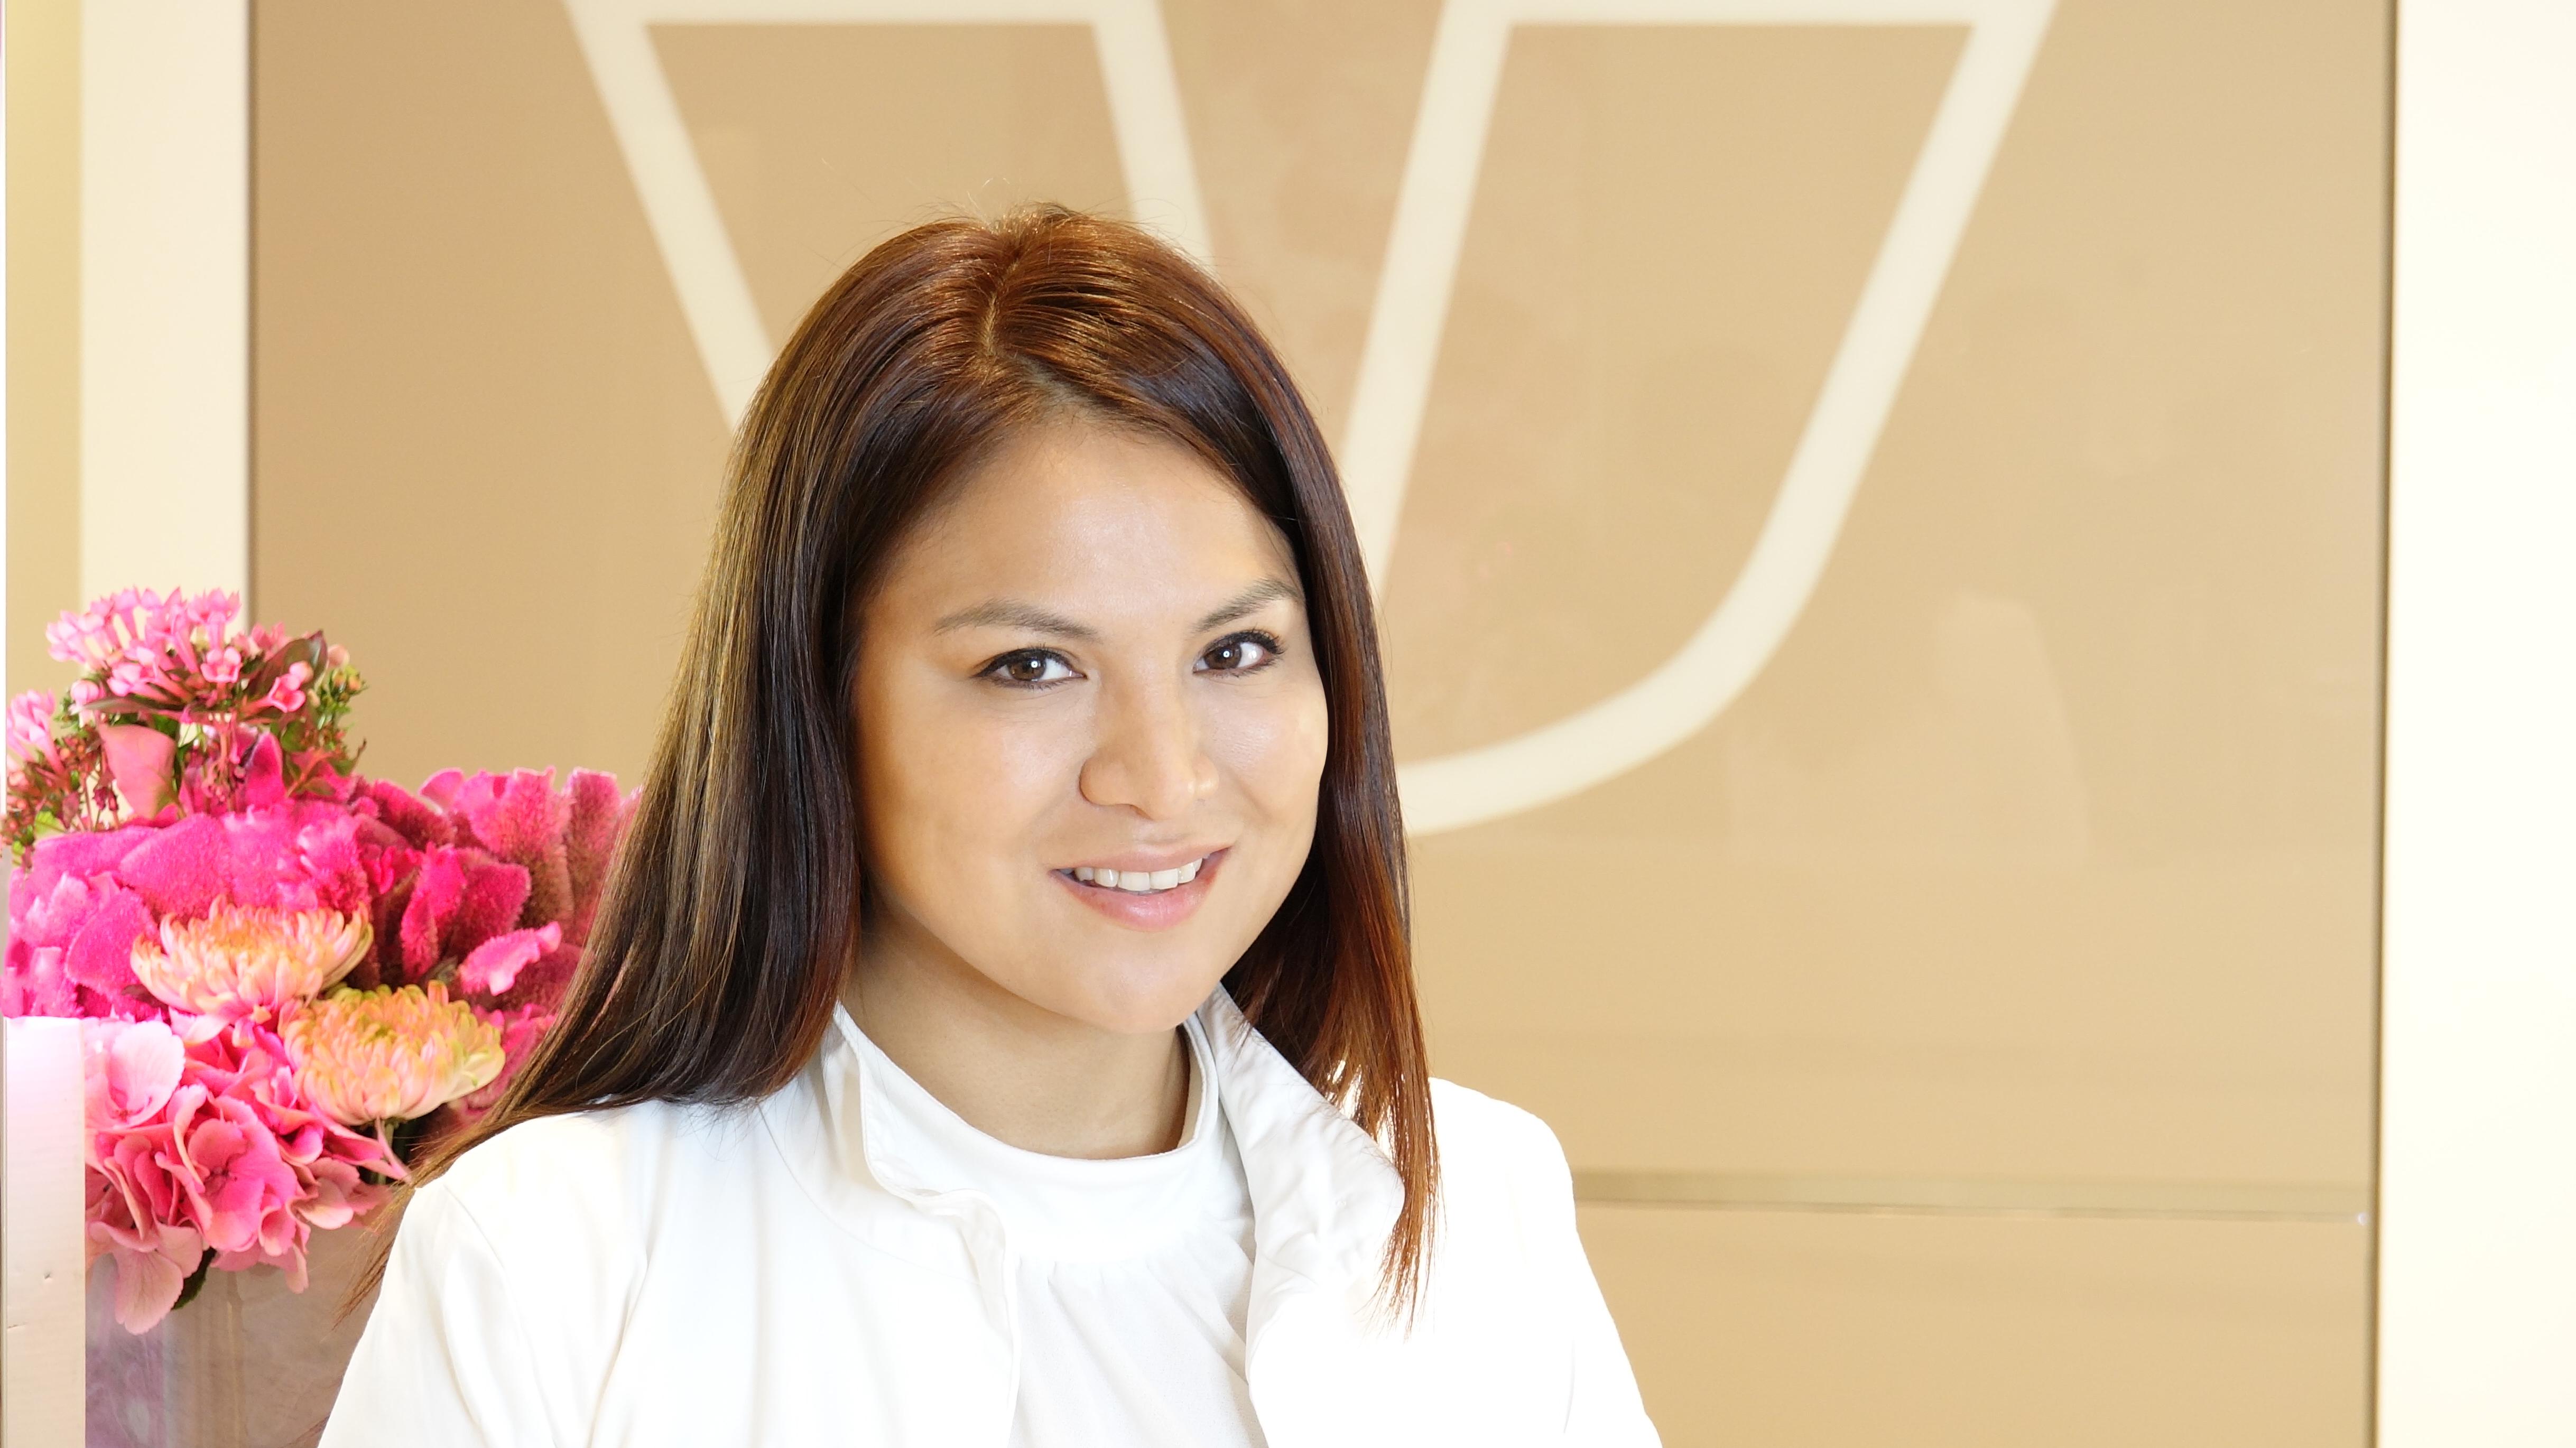 Danitza Perez Reyes